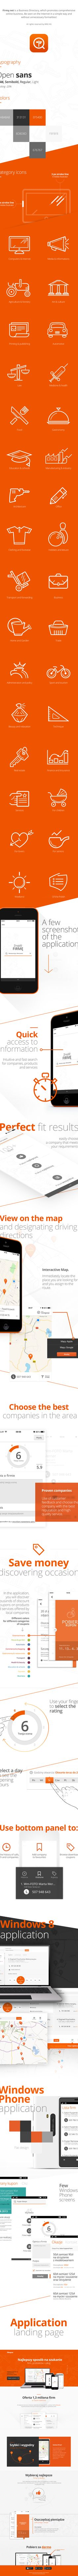 Firmy.net - Mobile App